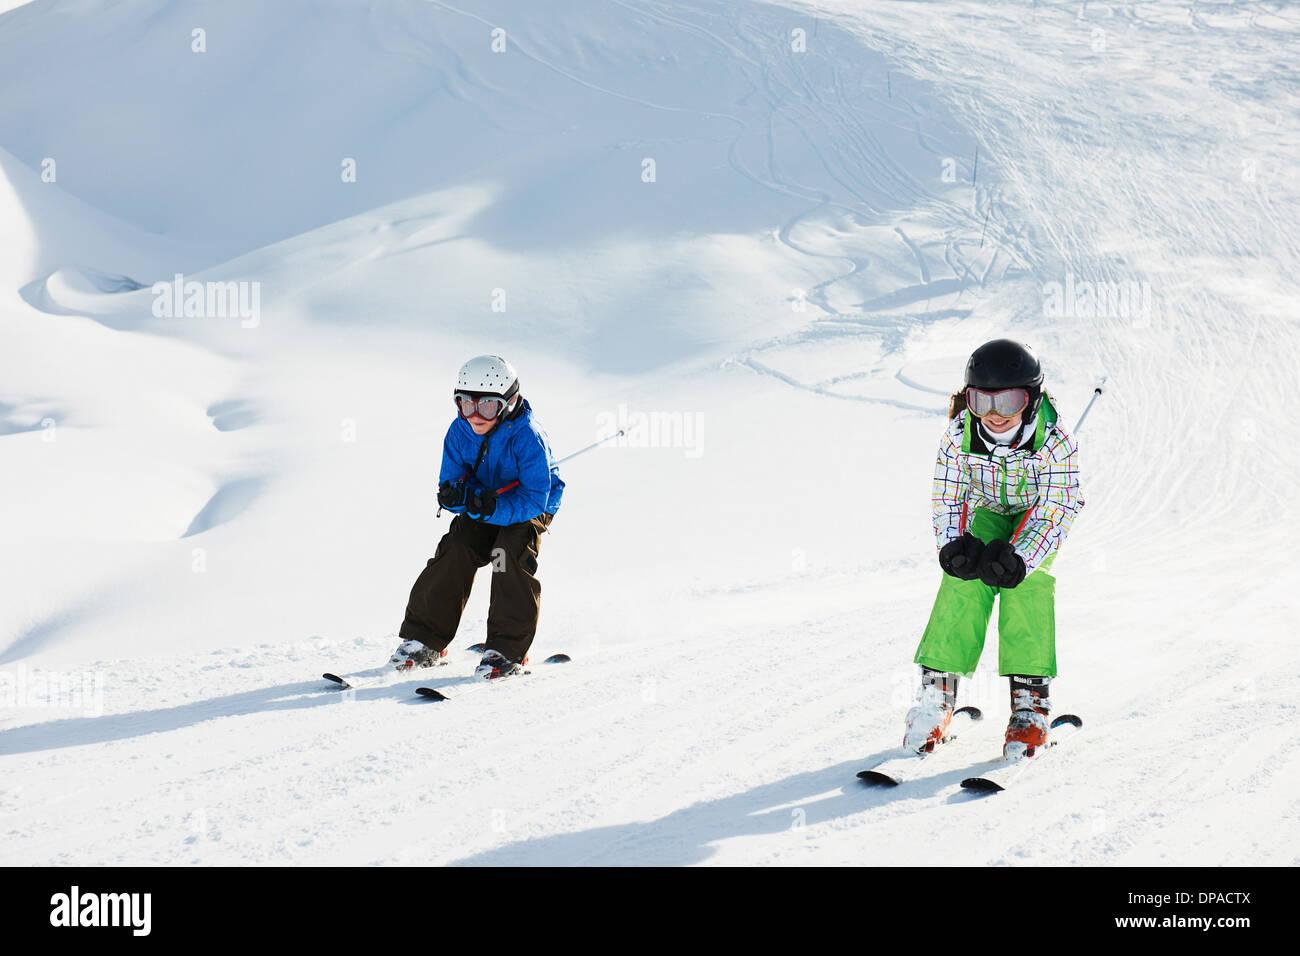 Hermano y hermana de esquí, Les Arcs, Haute-Savoie, Francia Imagen De Stock